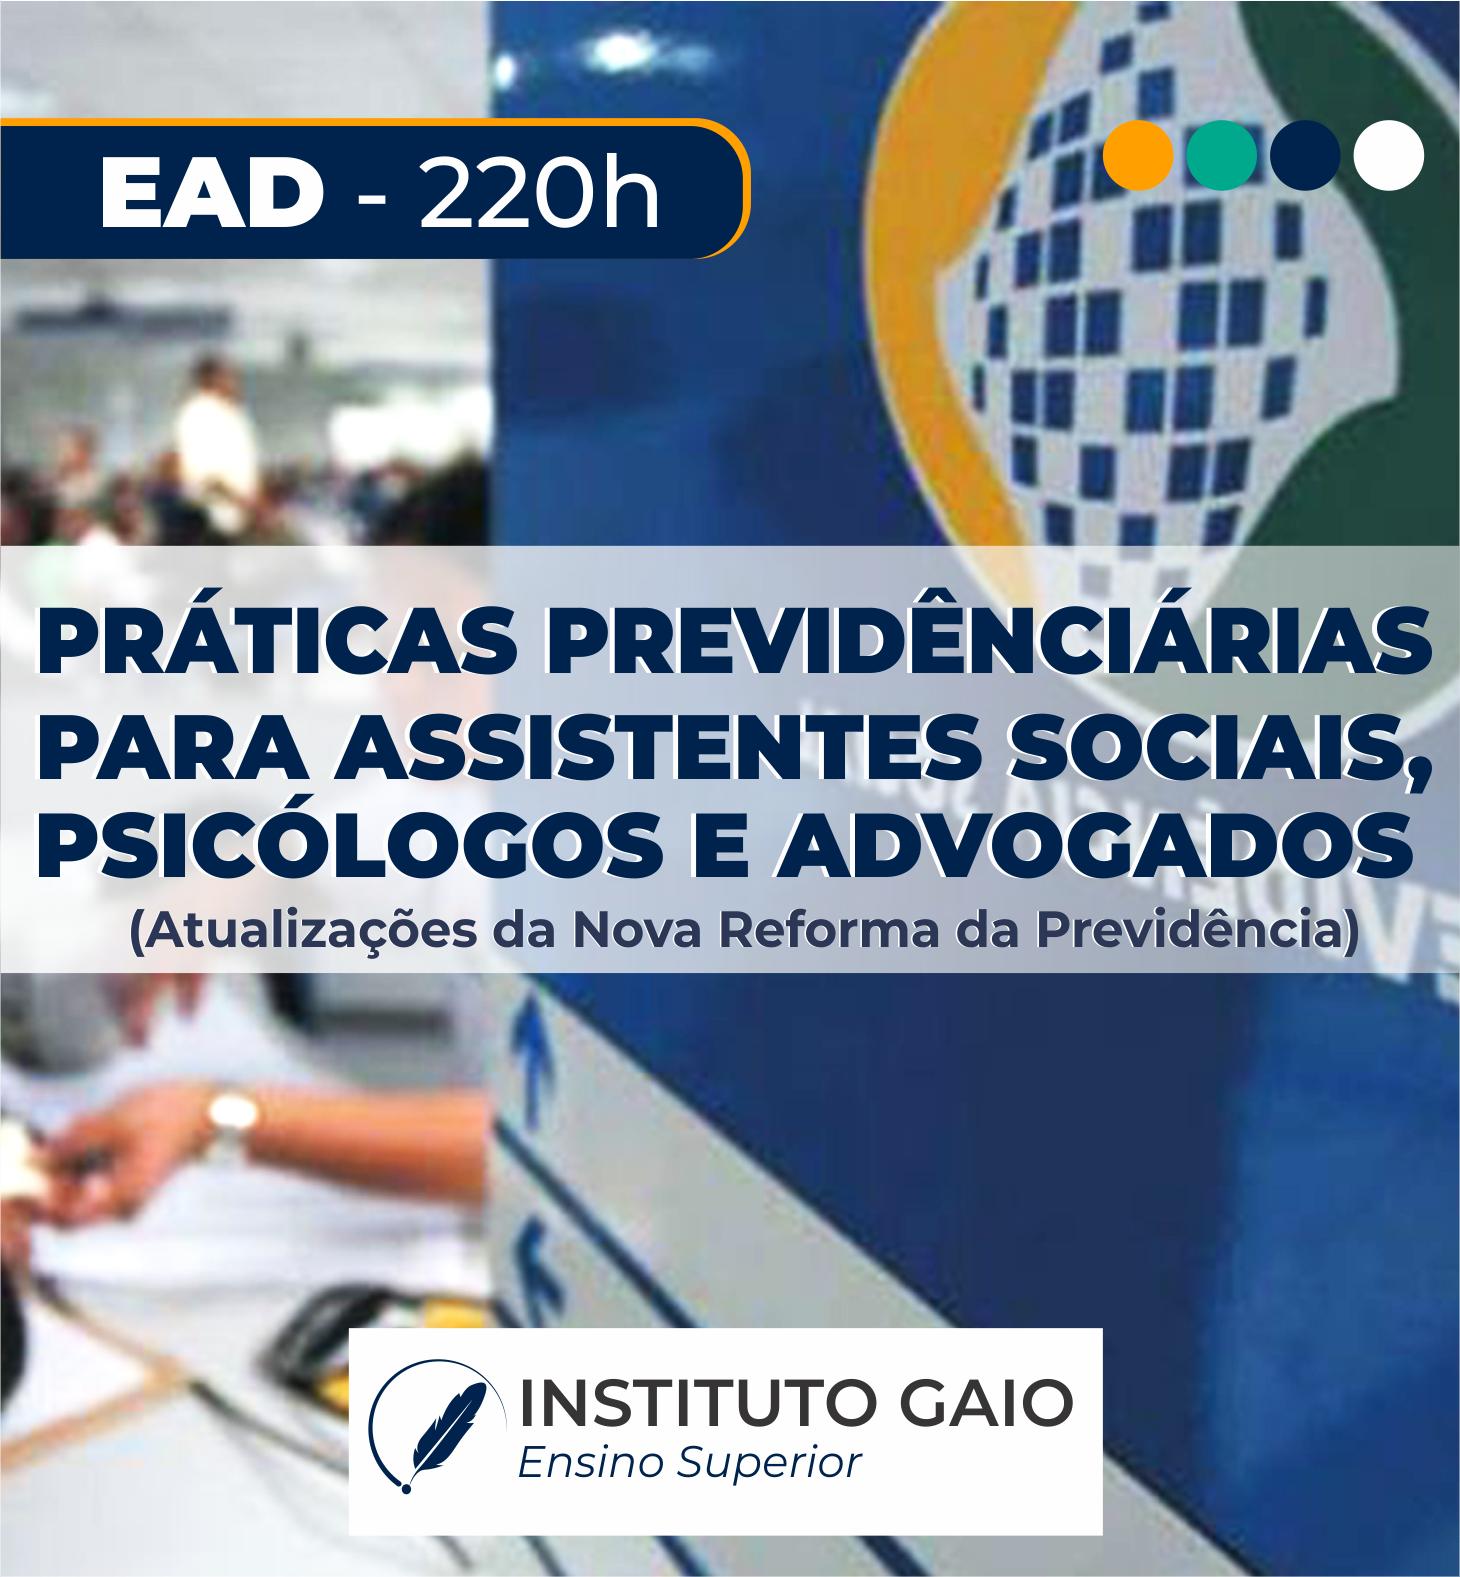 PRÁTICAS PREVIDENCIÁRIAS PARA ASSISTENTES SOCIAIS, PSICÓLOGOS E ADVOGADOS